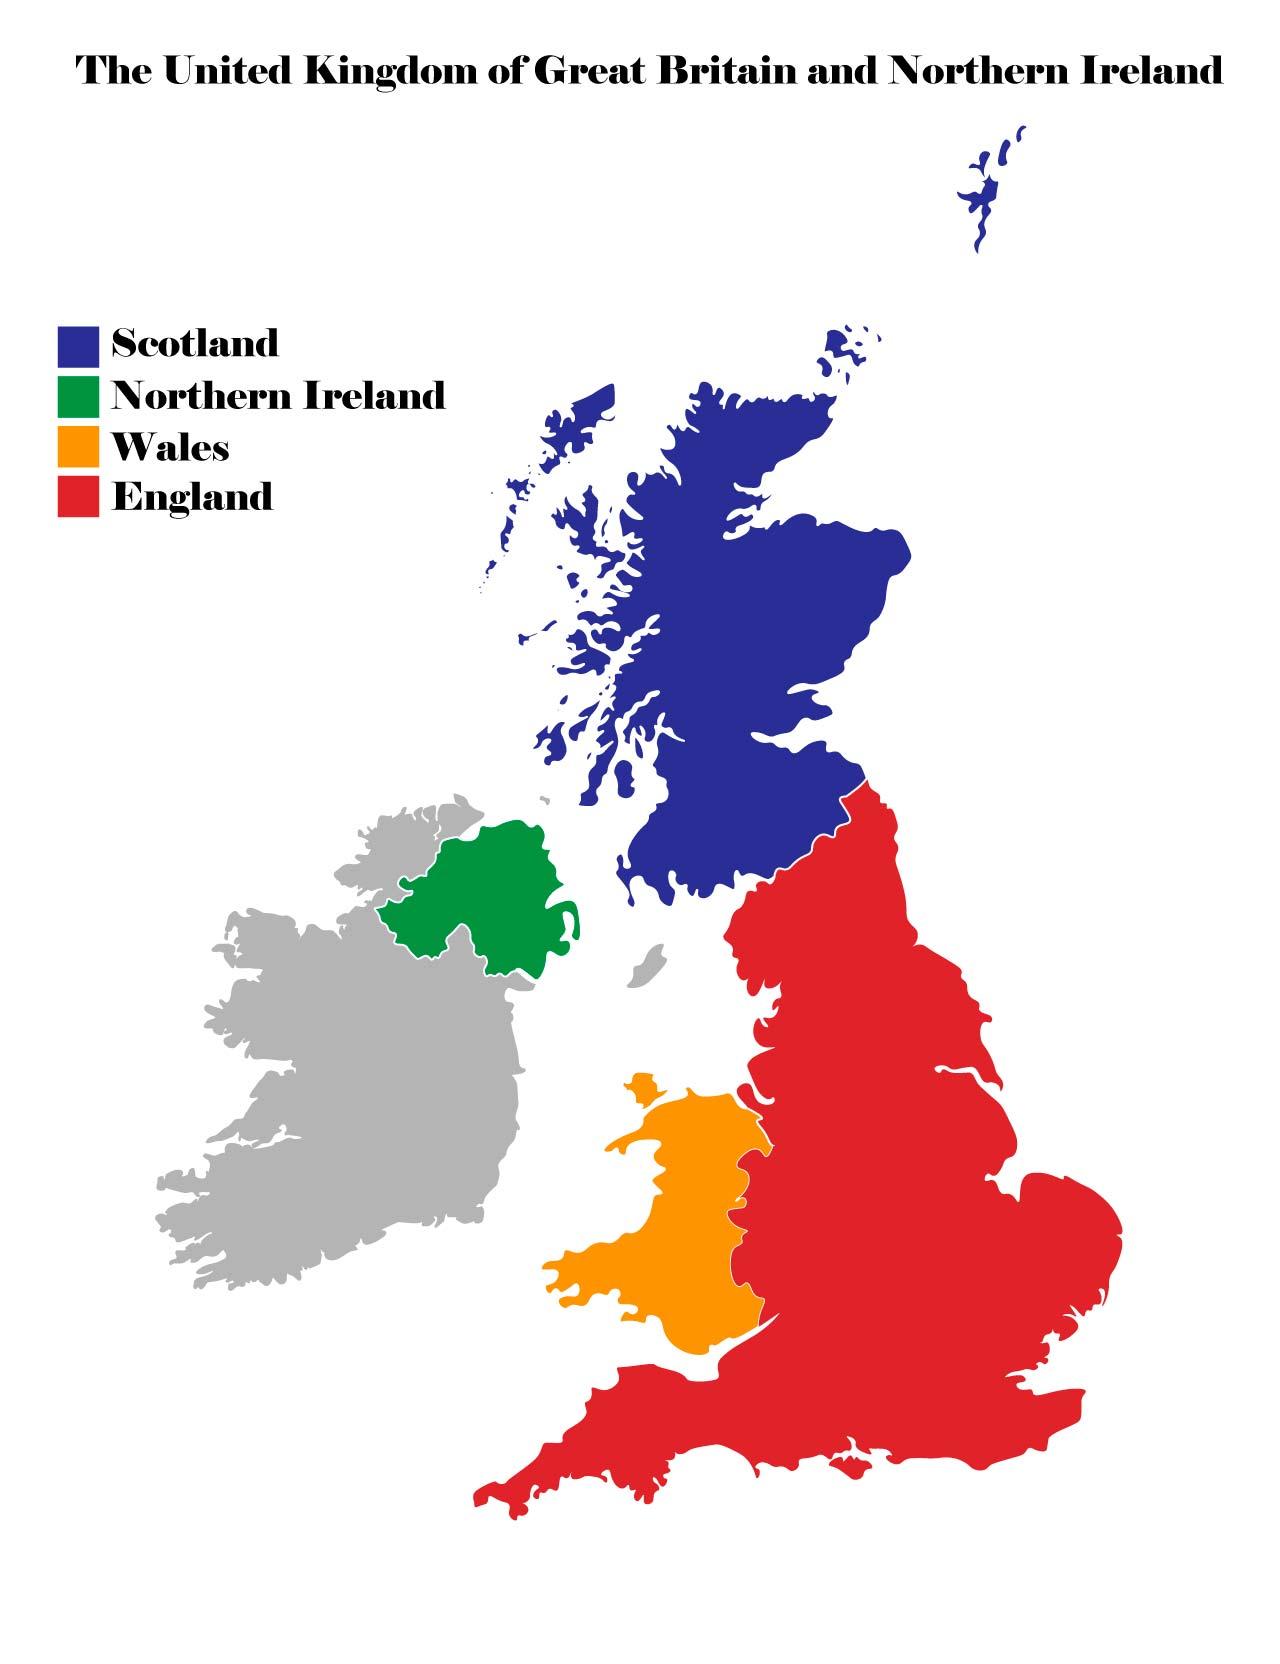 Англия и Великобритания - это одно и тоже или нет?